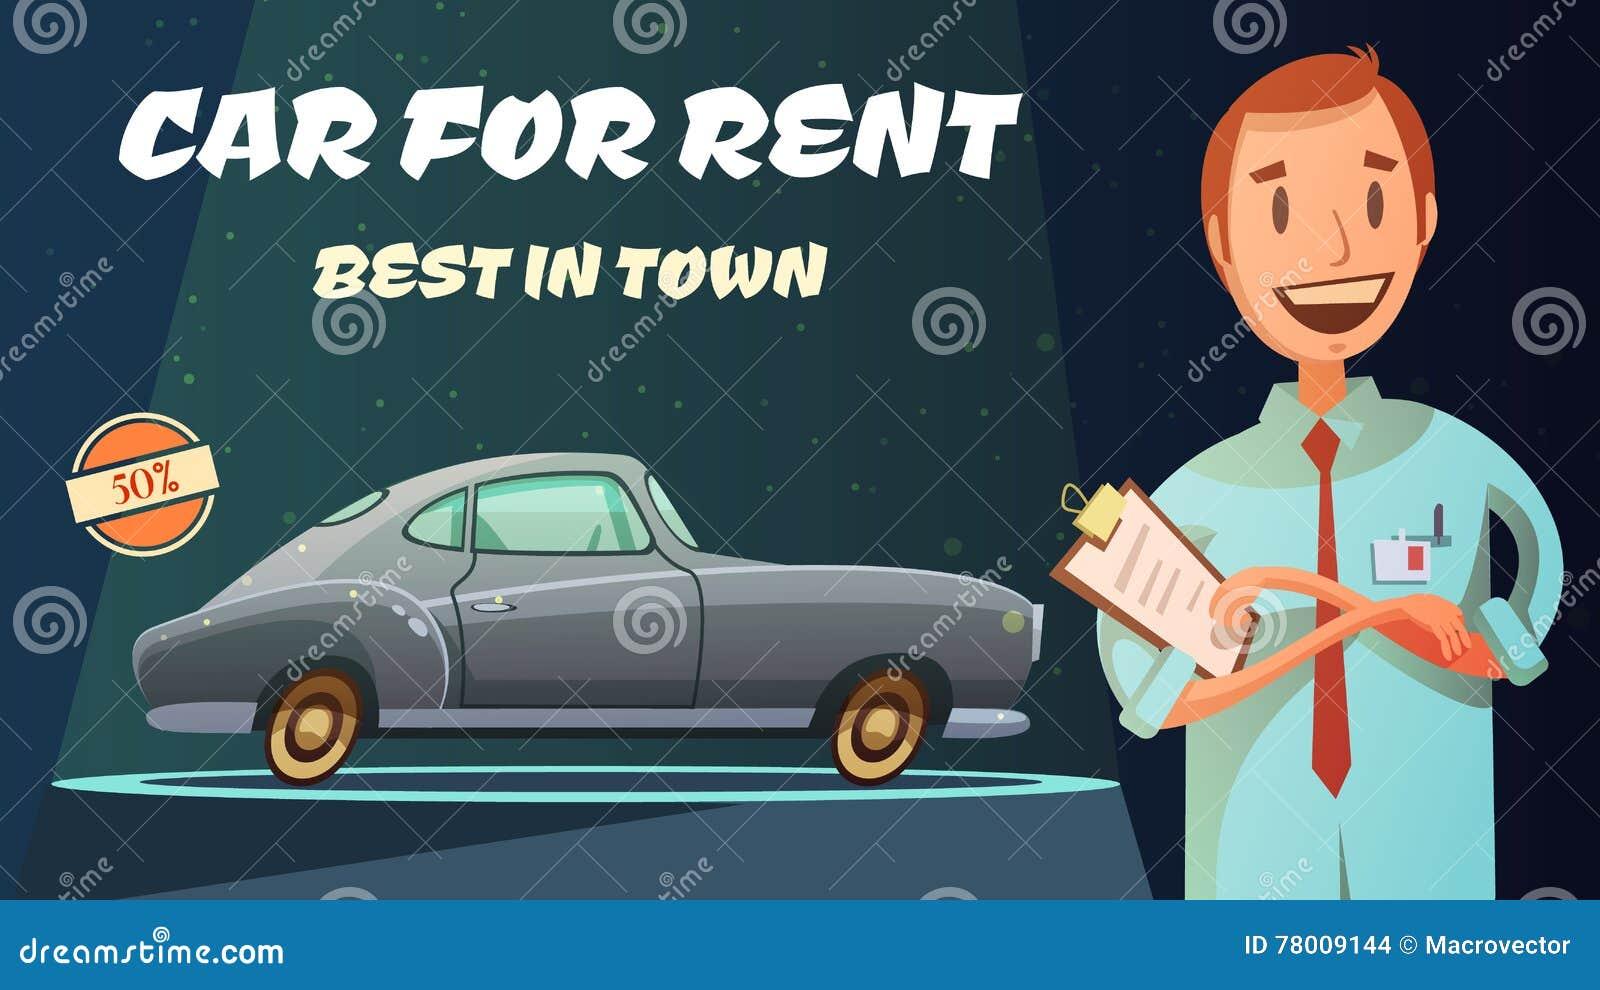 Best Rental Car Retro Cartoon Poster Stock Vector - Illustration of ...